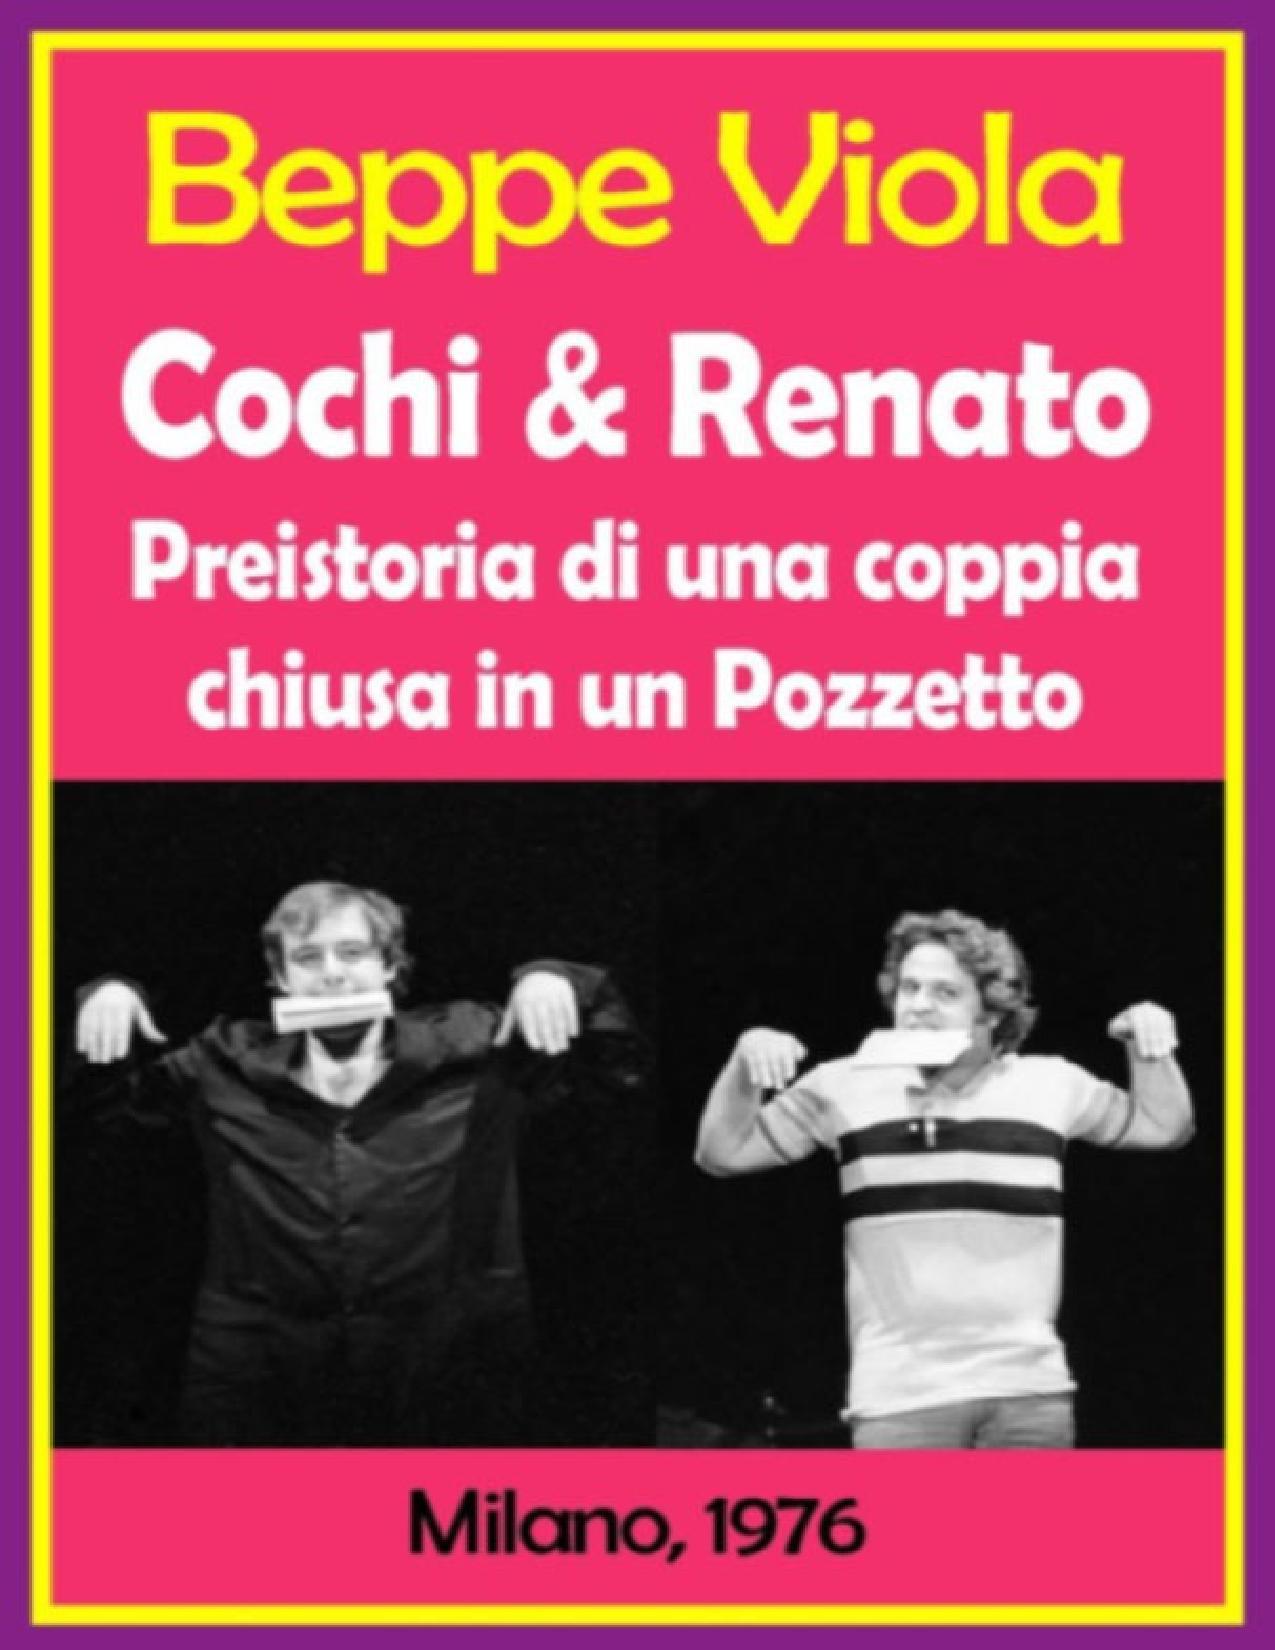 Cochi & Renato